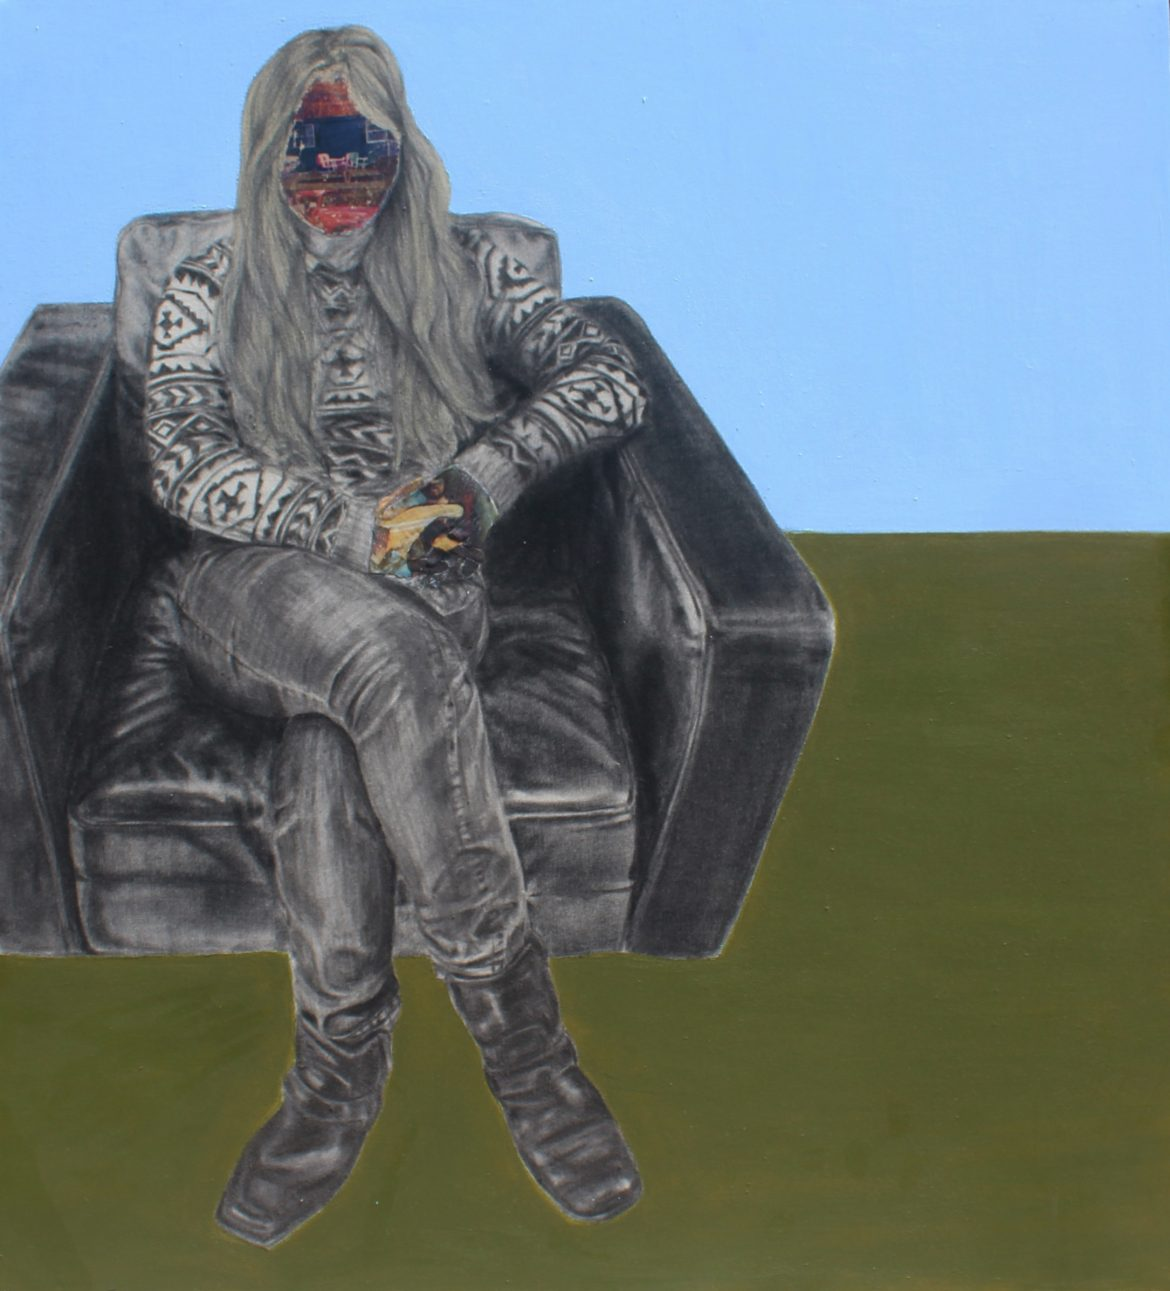 معرض فني للفنانة لورا شنايدر